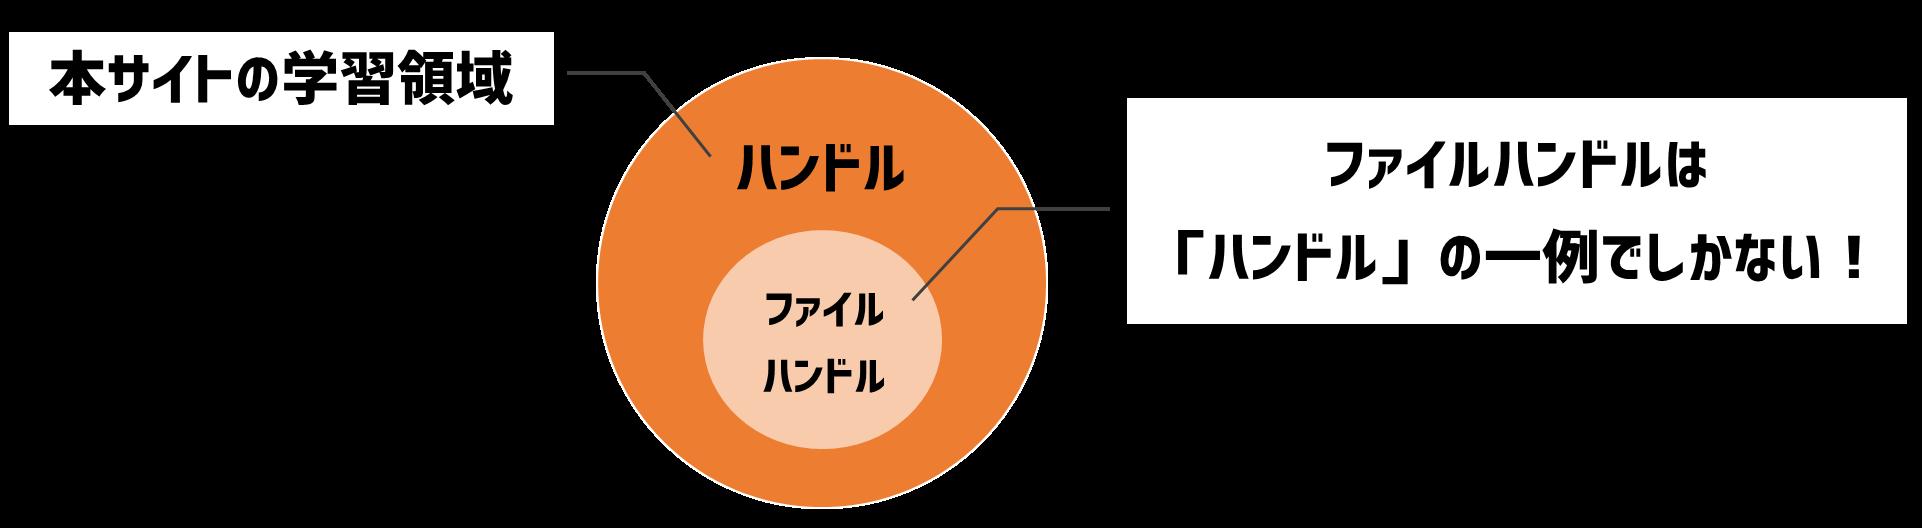 ファイルハンドルとハンドルの関係